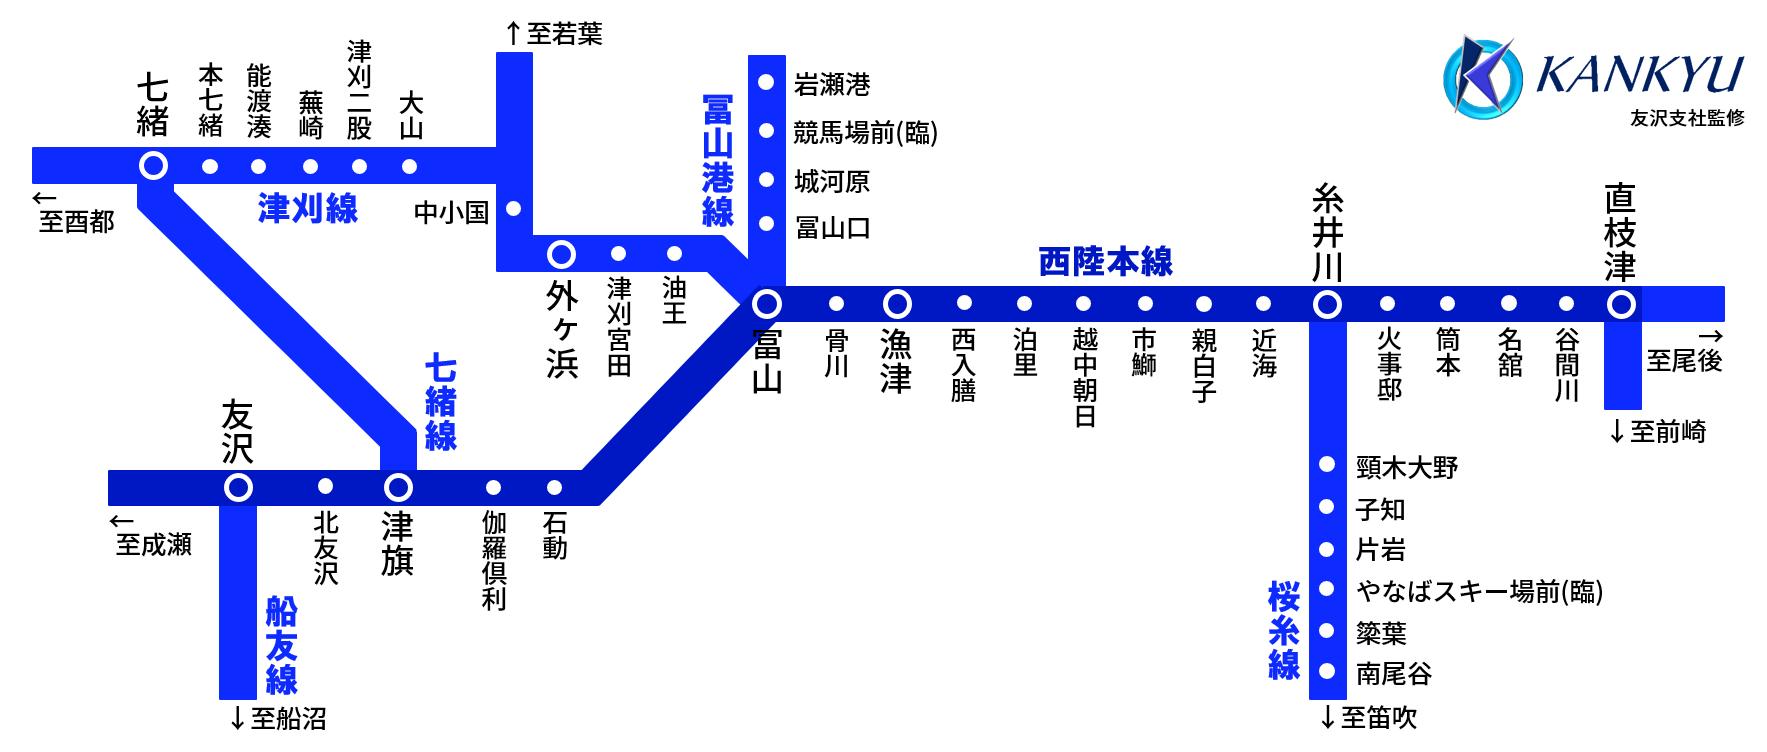 西陸本線 路線図3.png